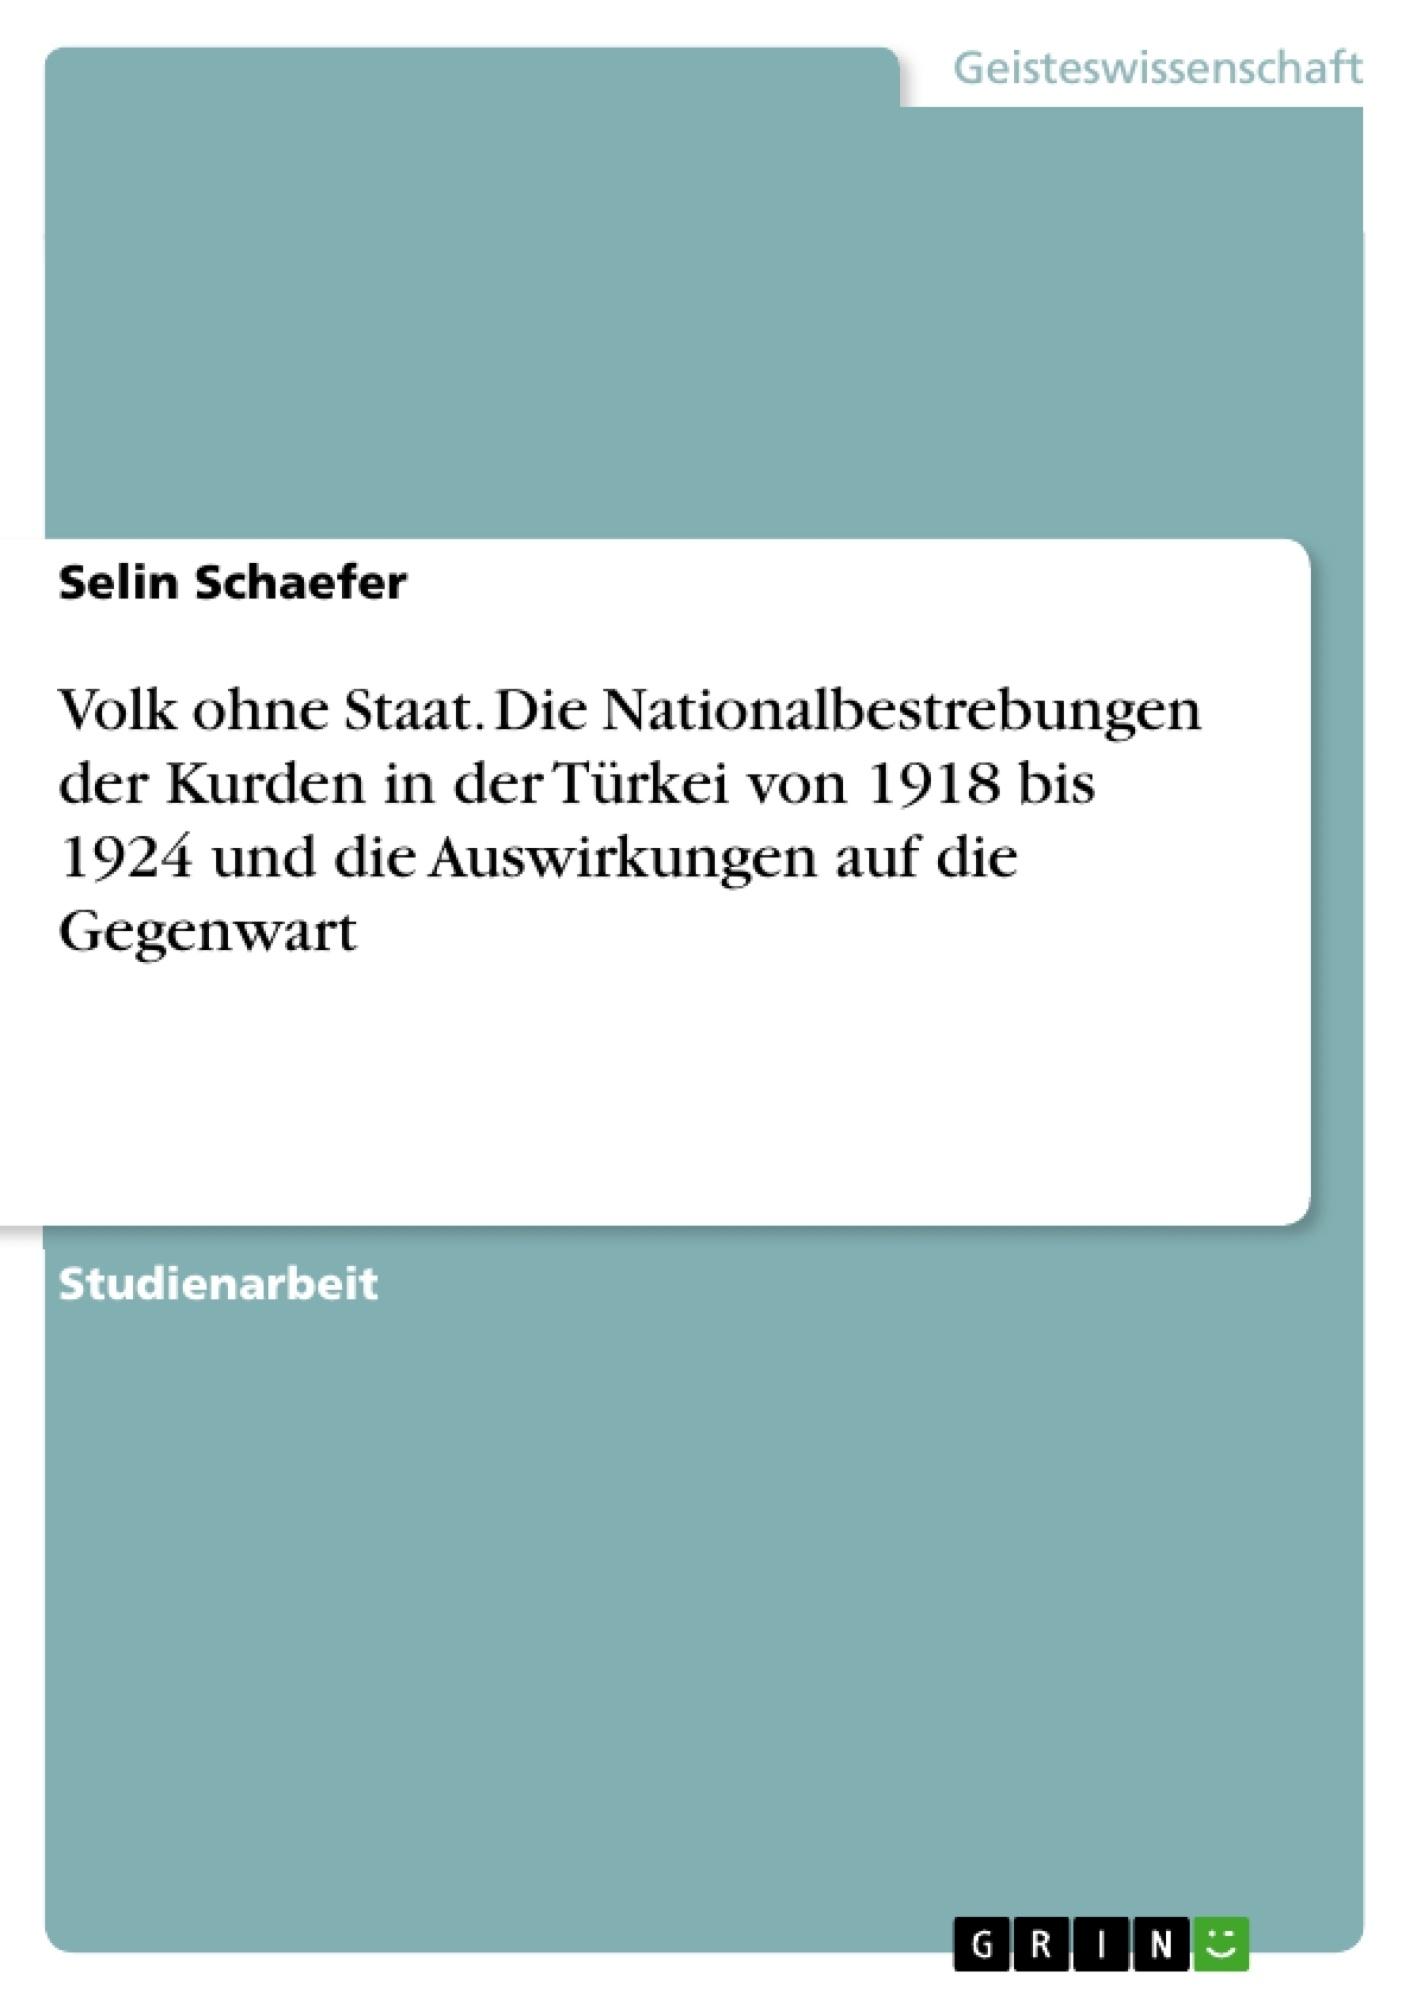 Titel: Volk ohne Staat. Die Nationalbestrebungen der Kurden in der Türkei von 1918 bis 1924 und die Auswirkungen auf die Gegenwart